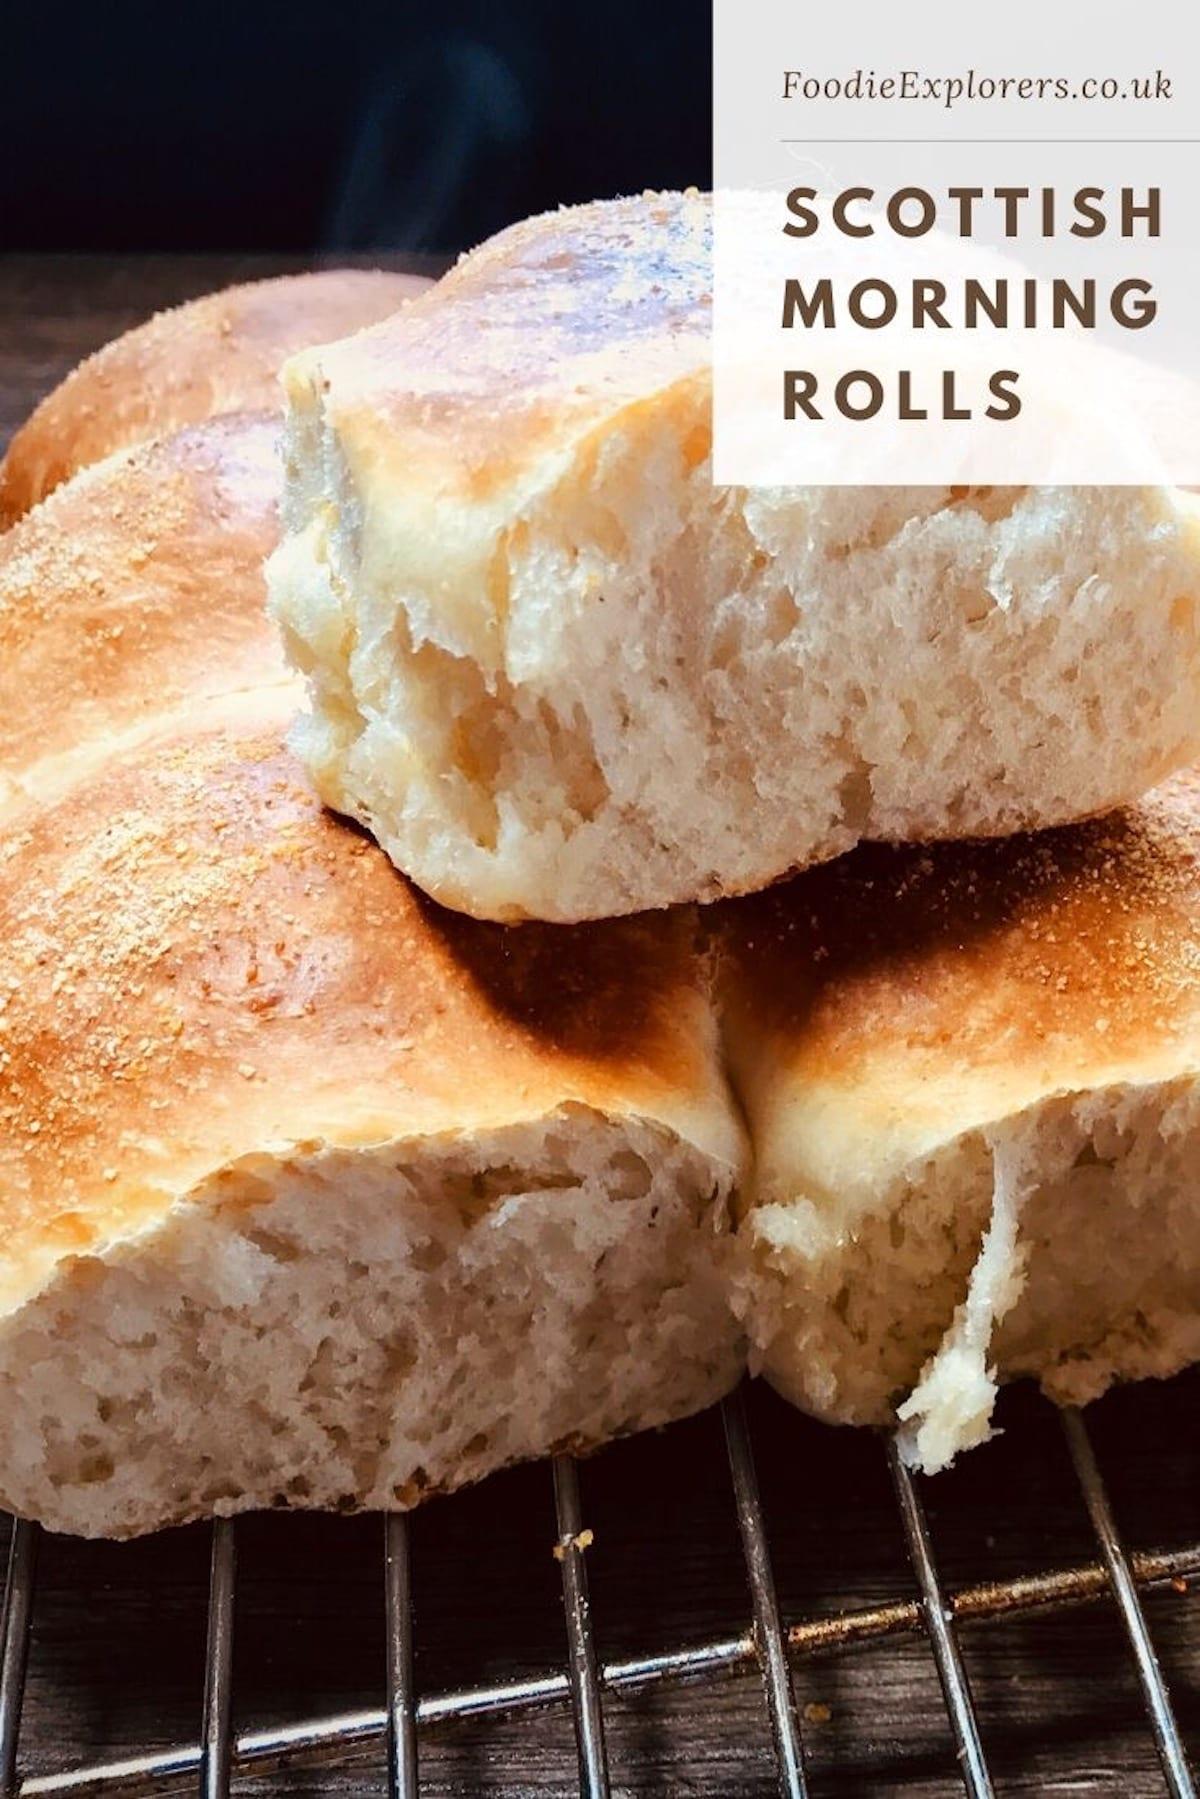 scottish morning rolls recipe